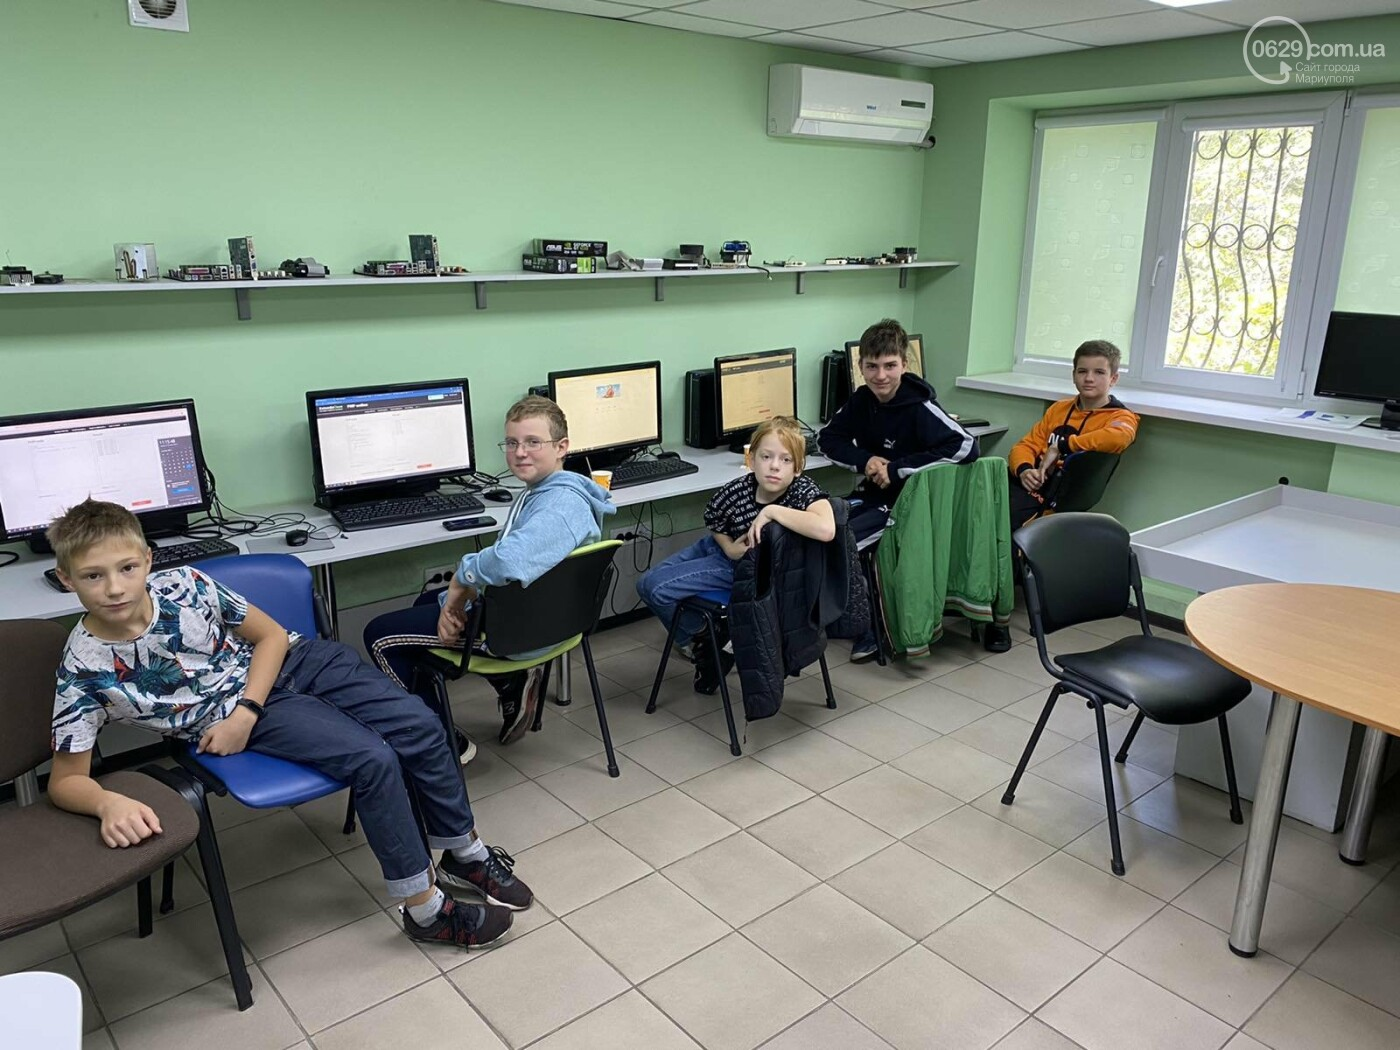 Бесплатные открытые уроки по IT для детей и подростков от BYTE Academy!, фото-2